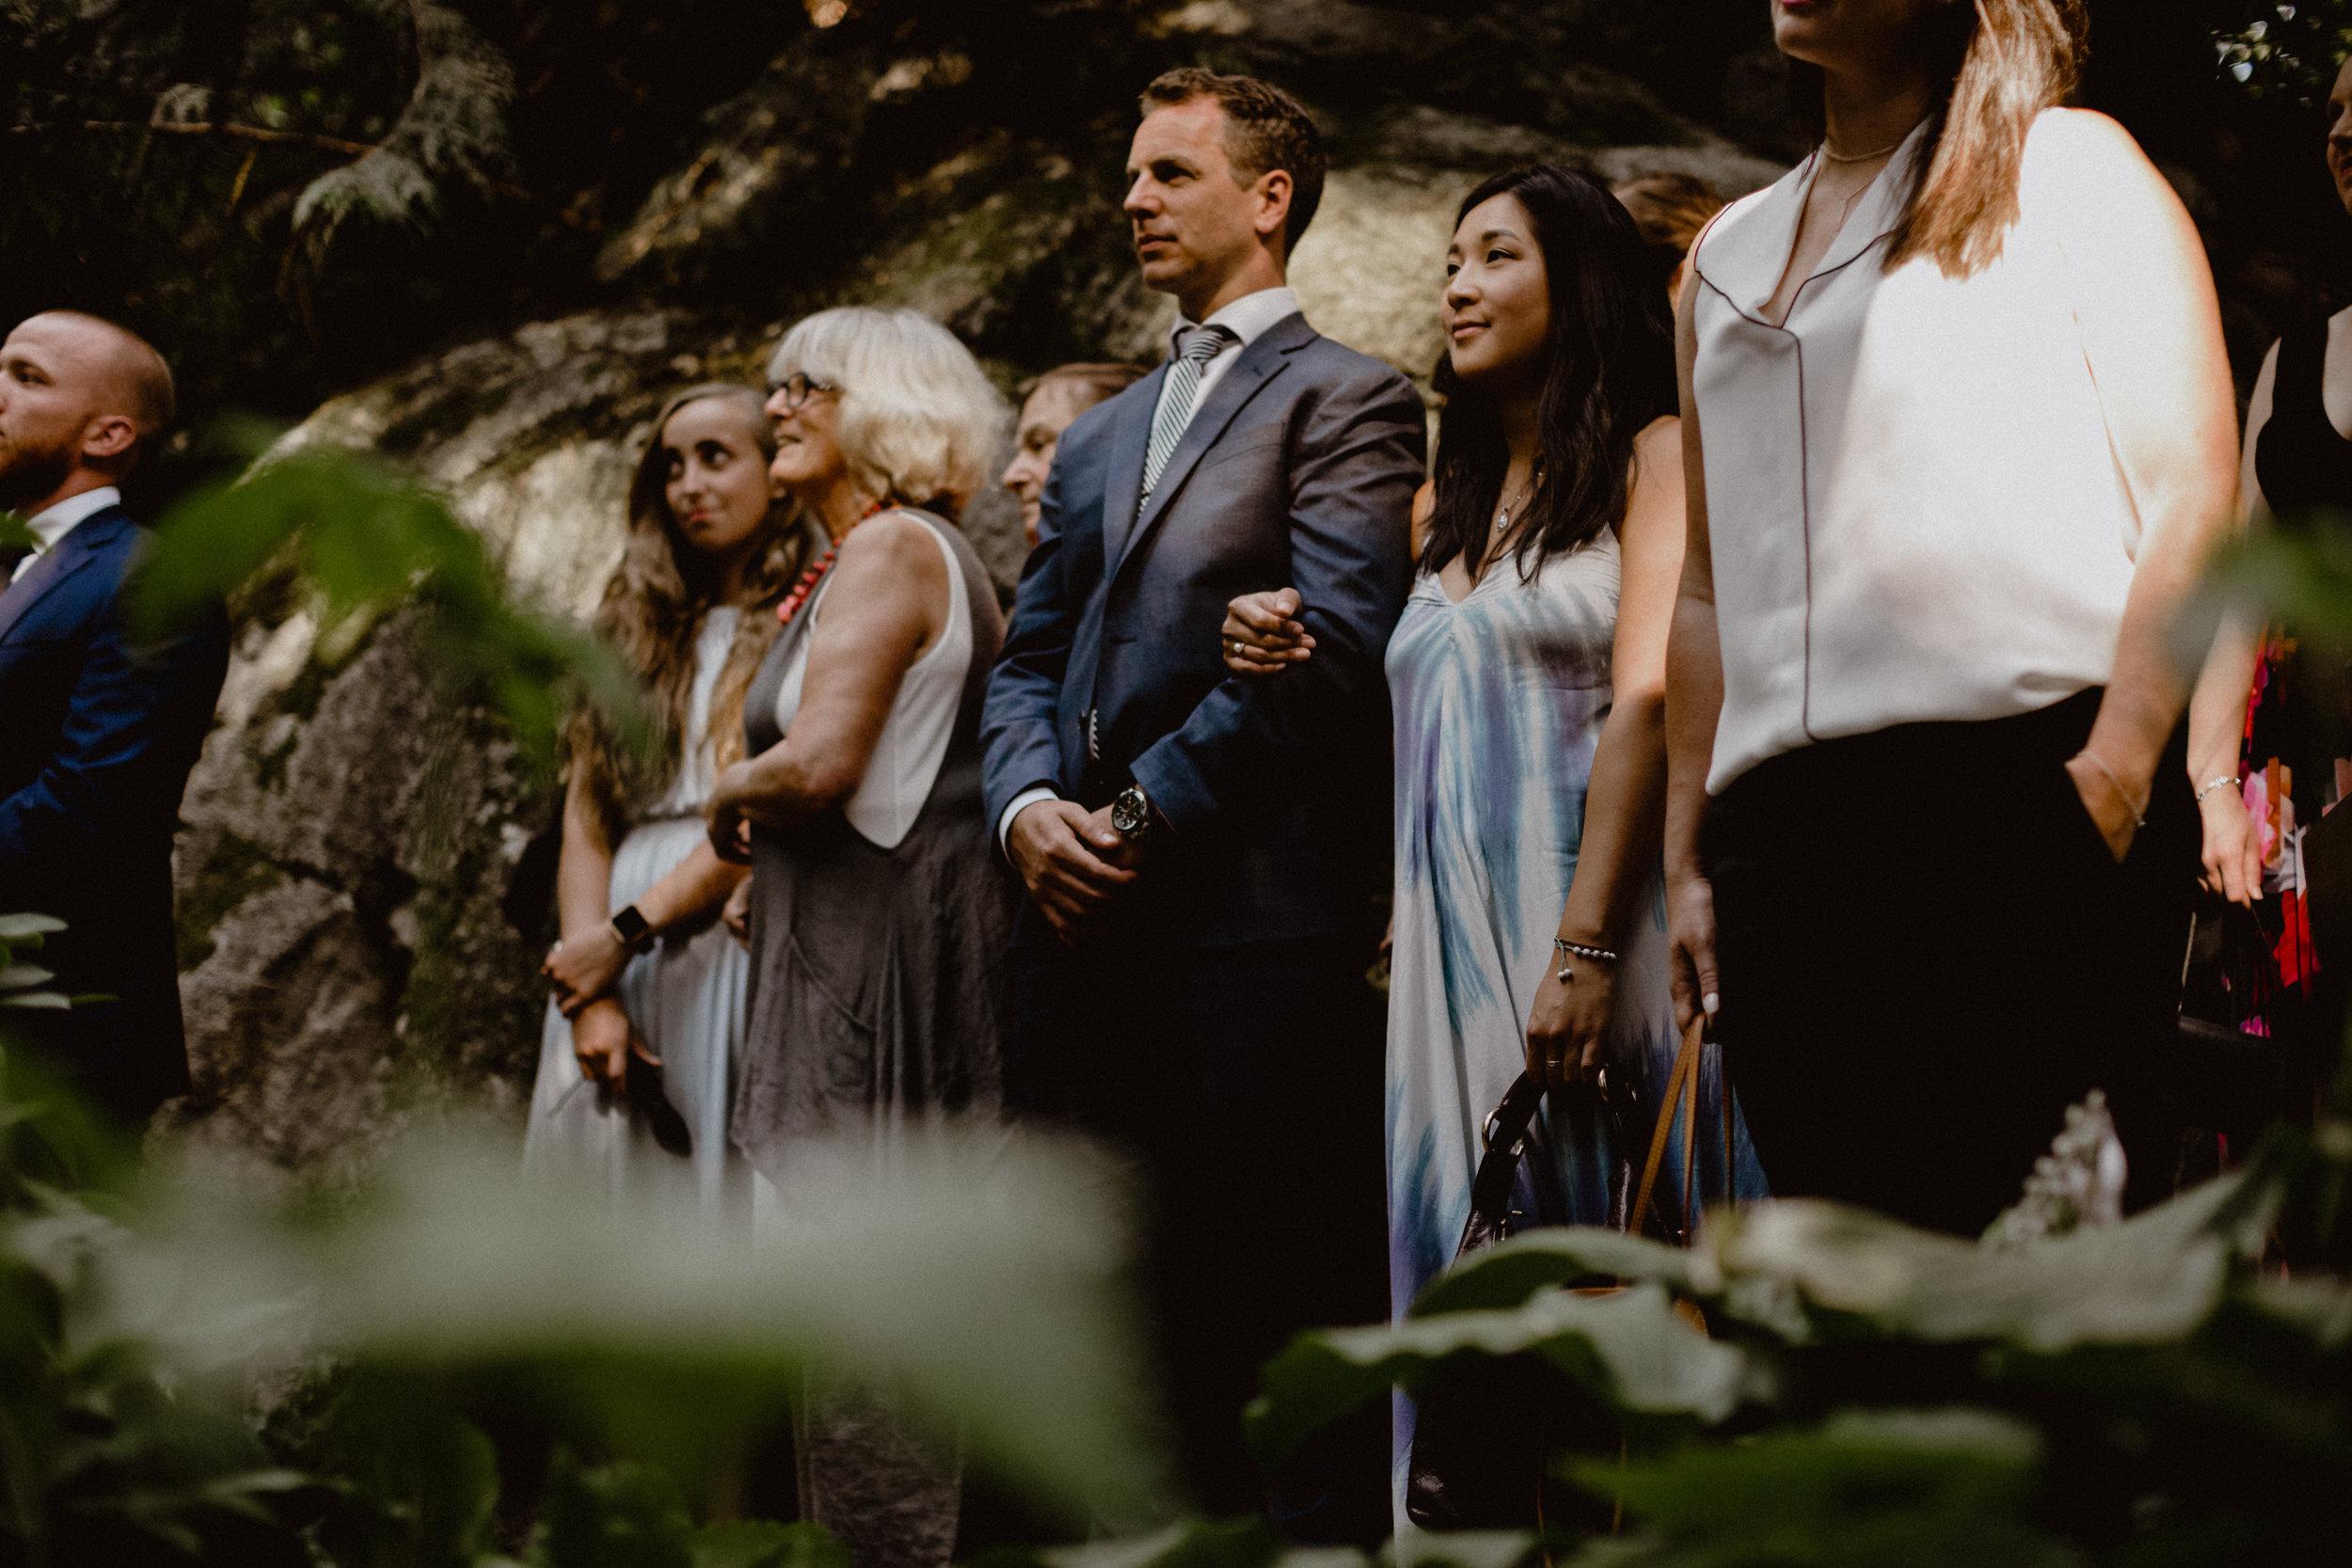 west-vancouver-backyard-wedding-108.jpg